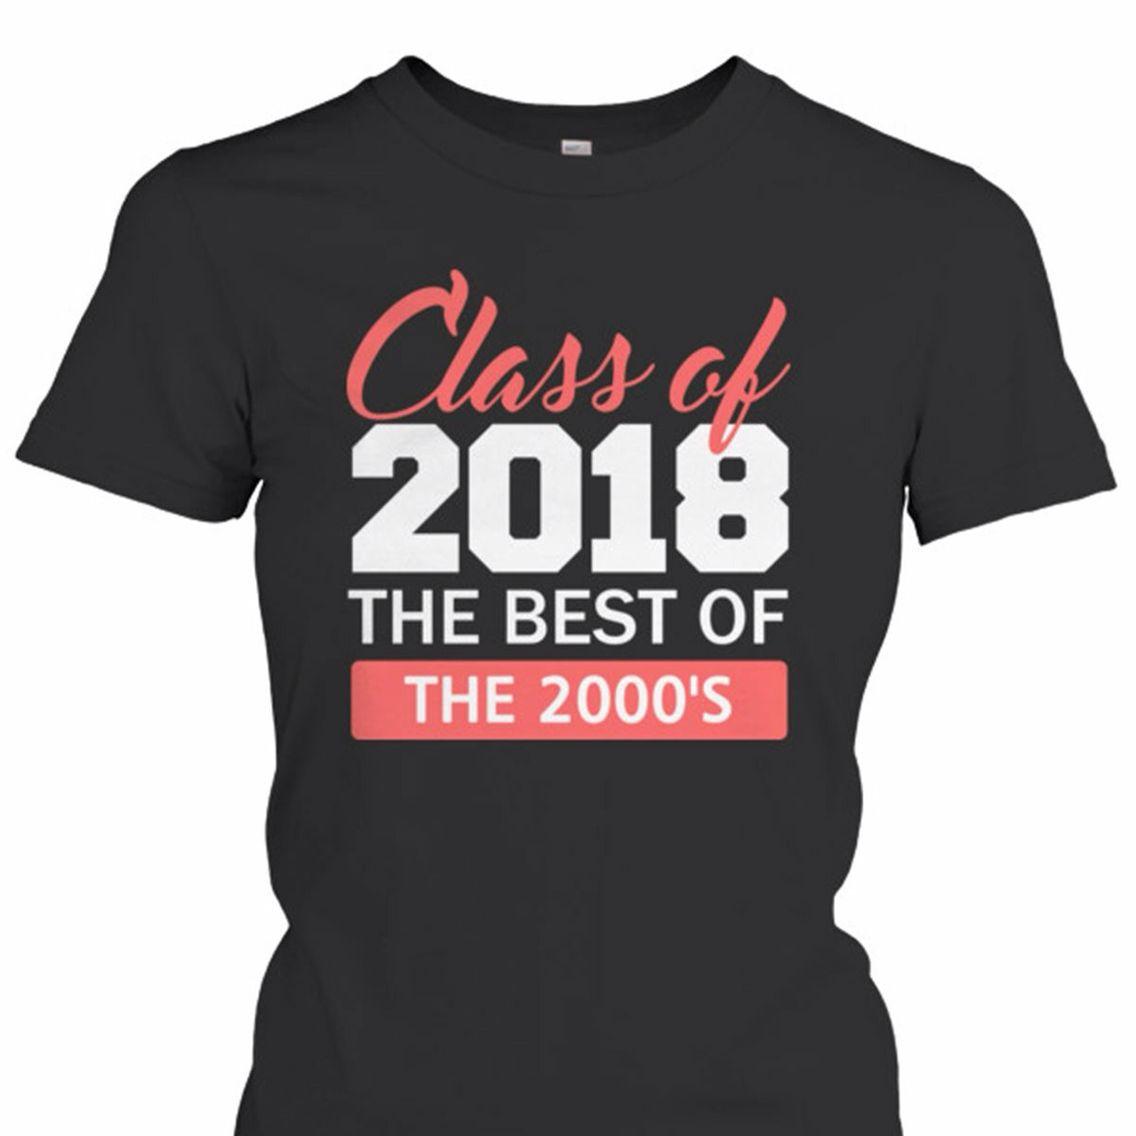 T shirt design ideas for schools - Clase Del 2018 La Mejor Del 2000